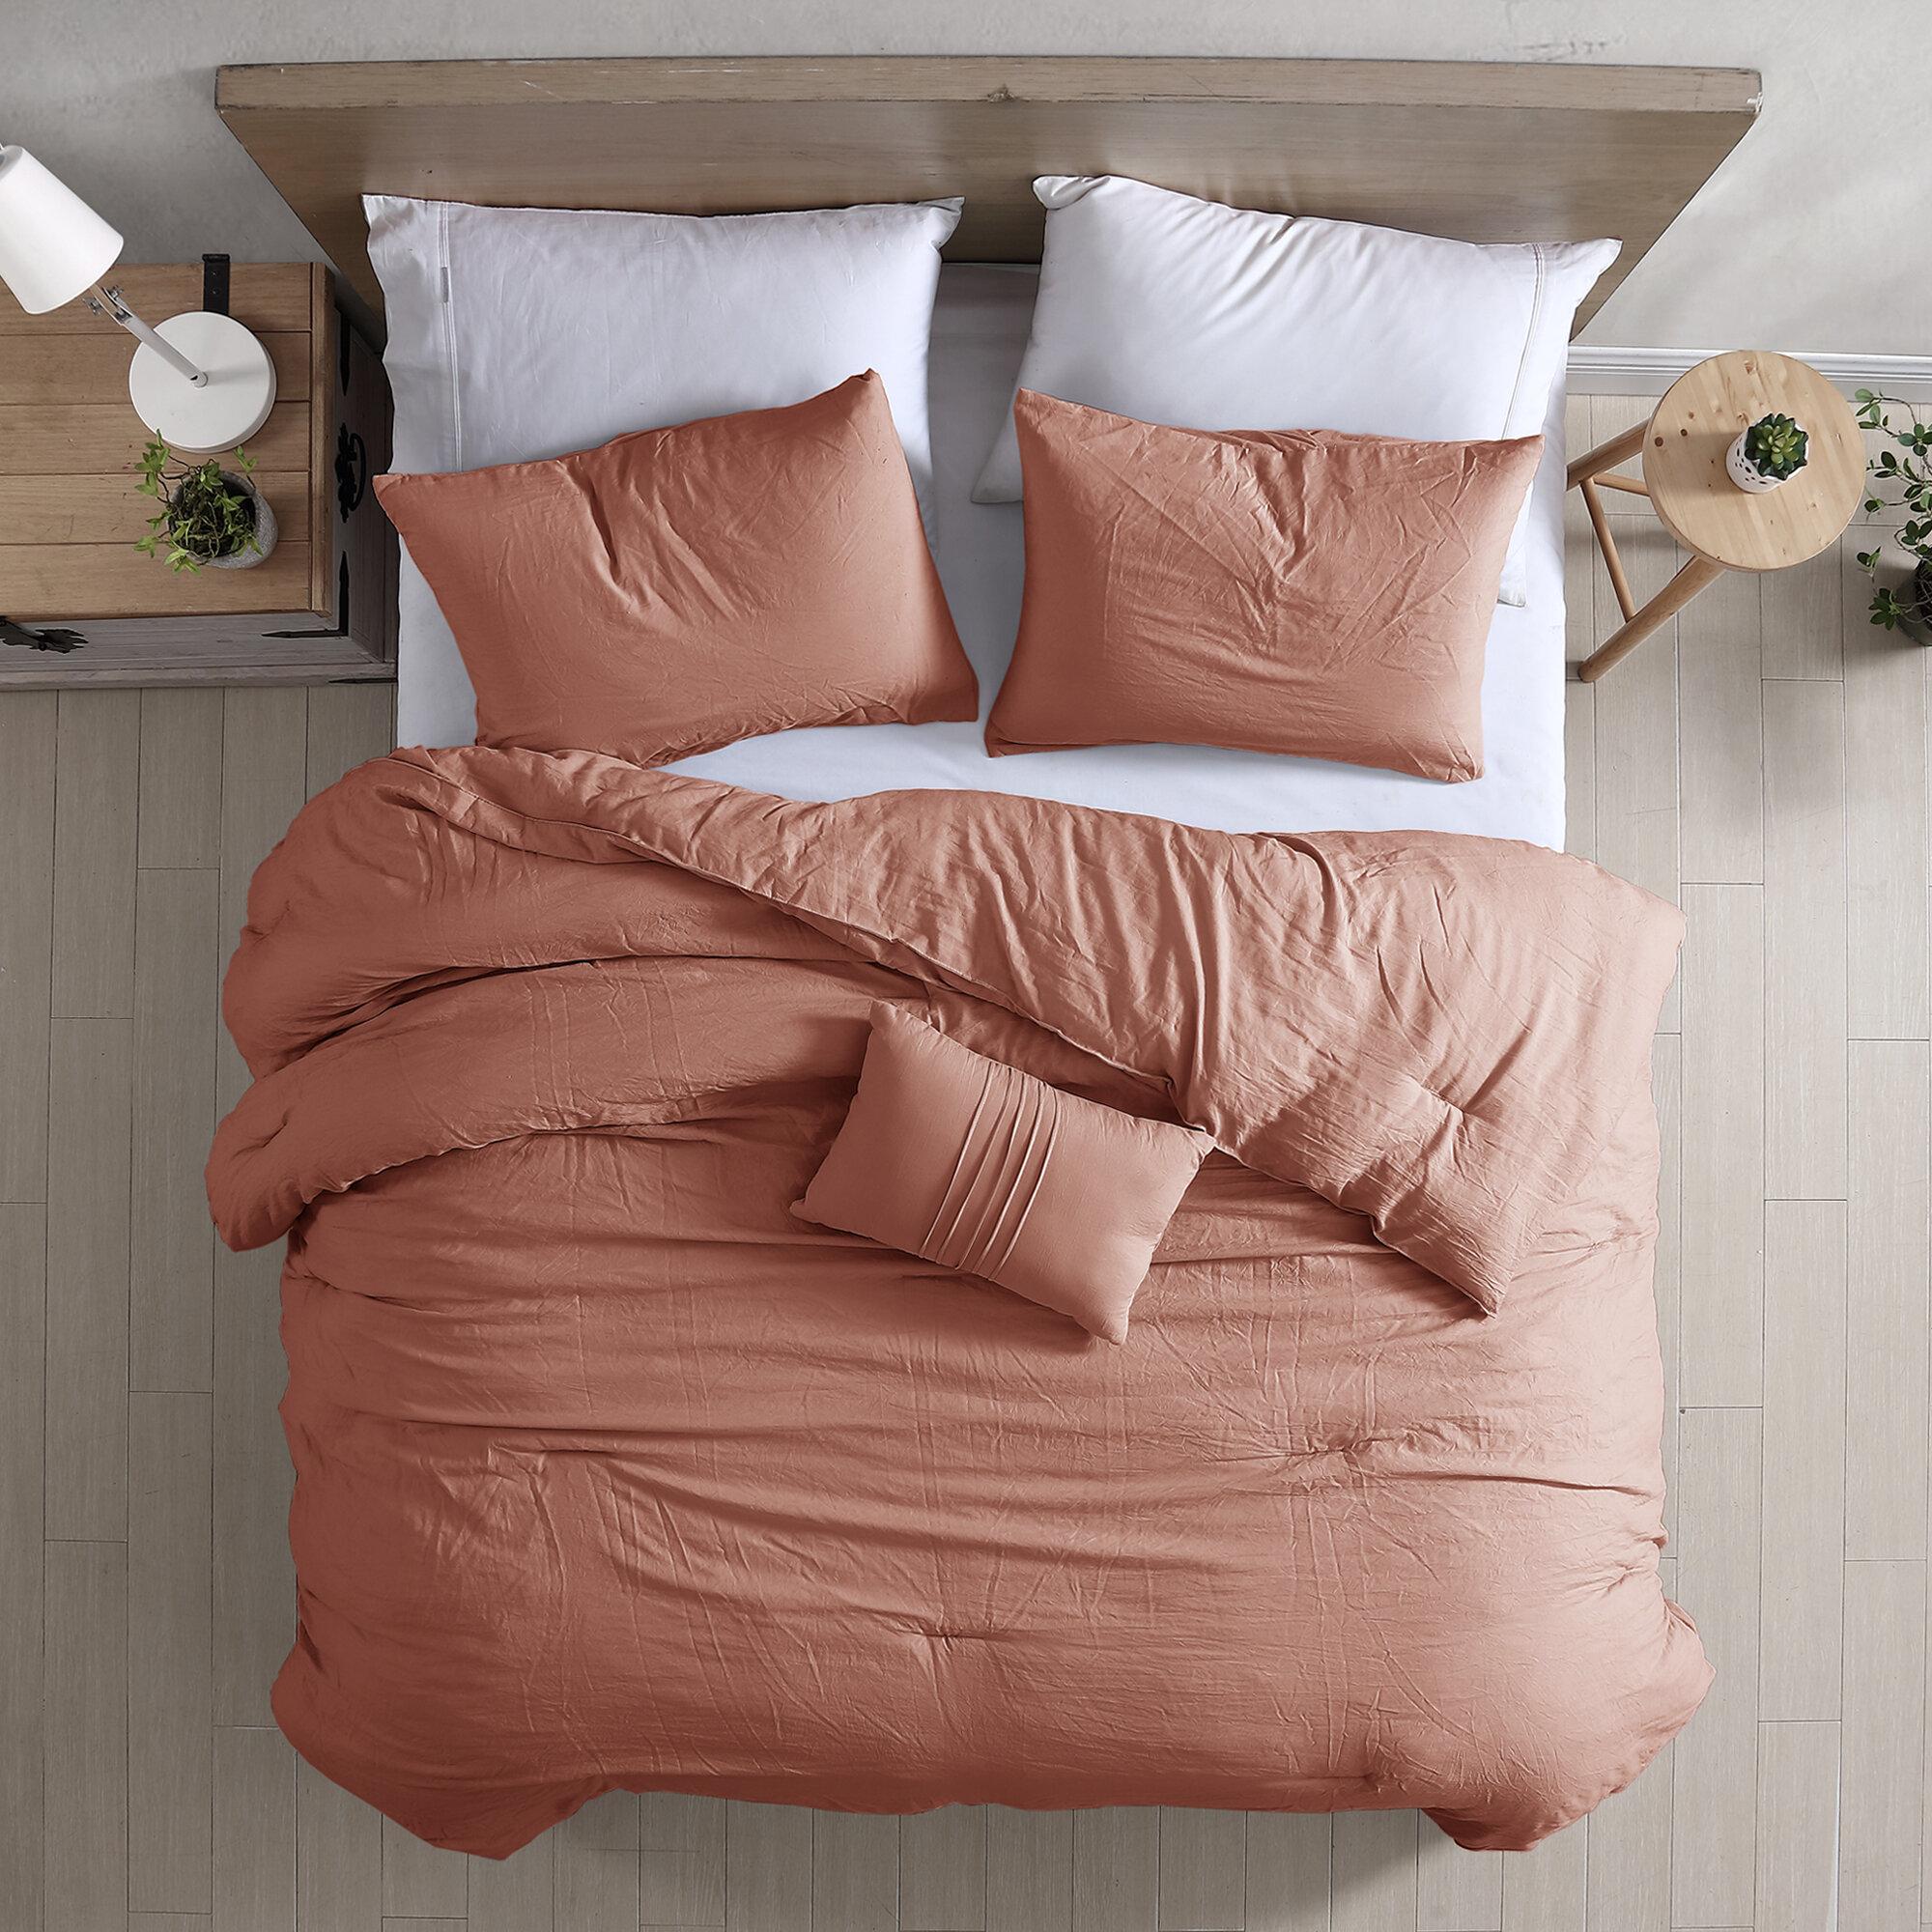 Allure Modern Threads 4 Piece Garment Washed Comforter Set Beck Reviews Wayfair